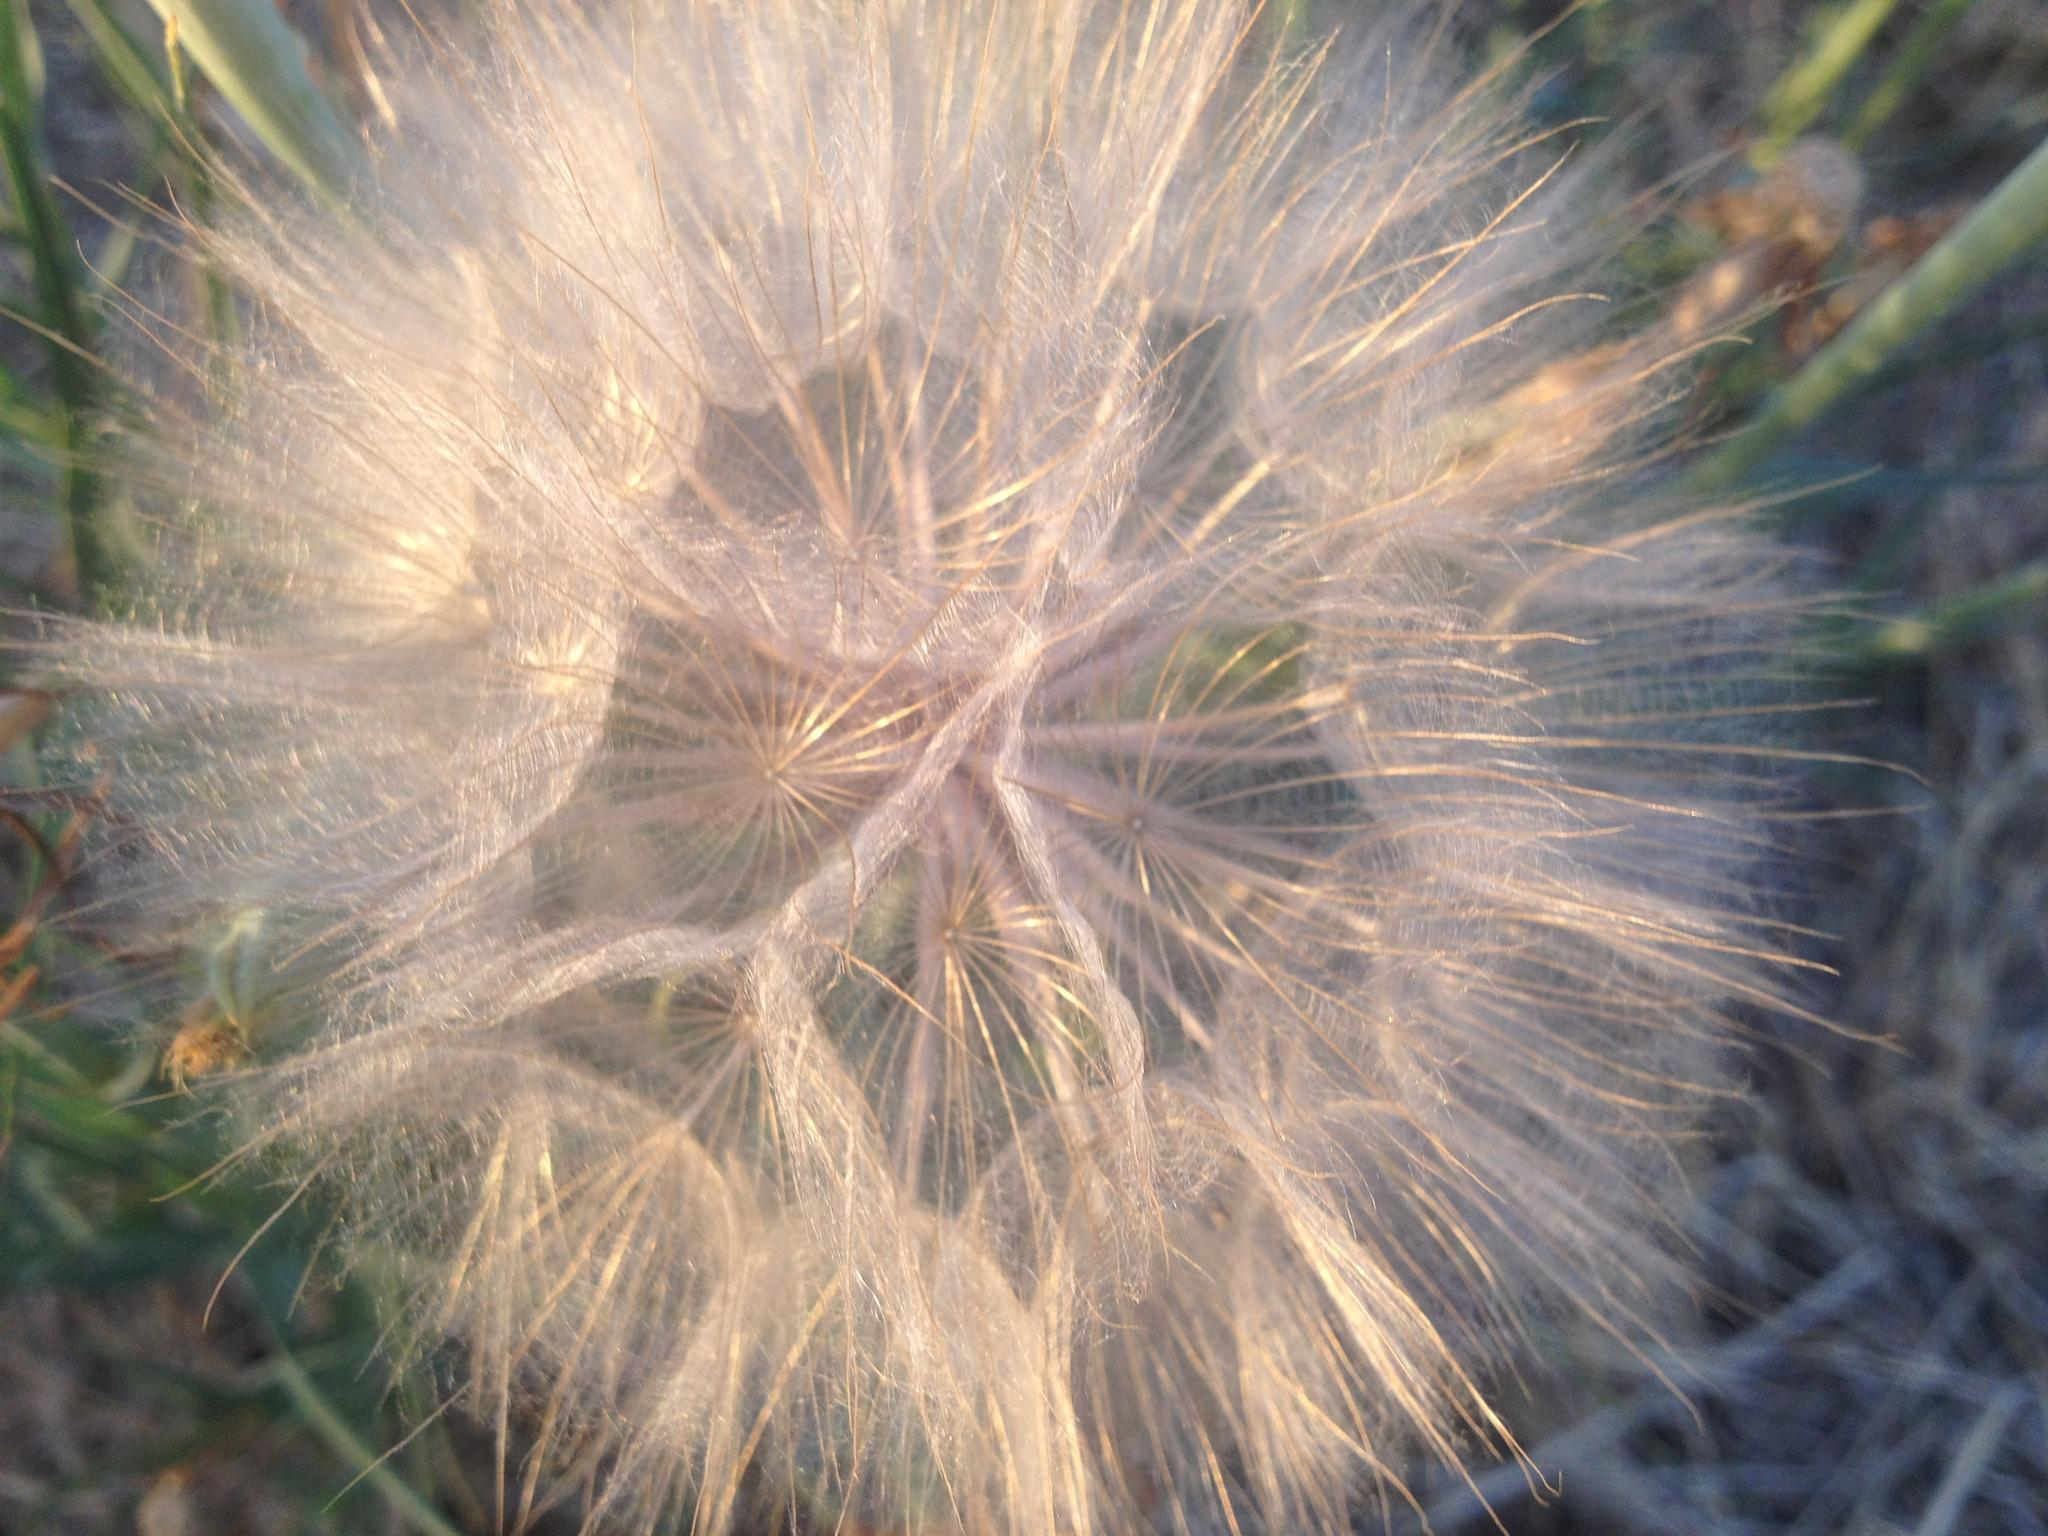 Dandelion by Praying